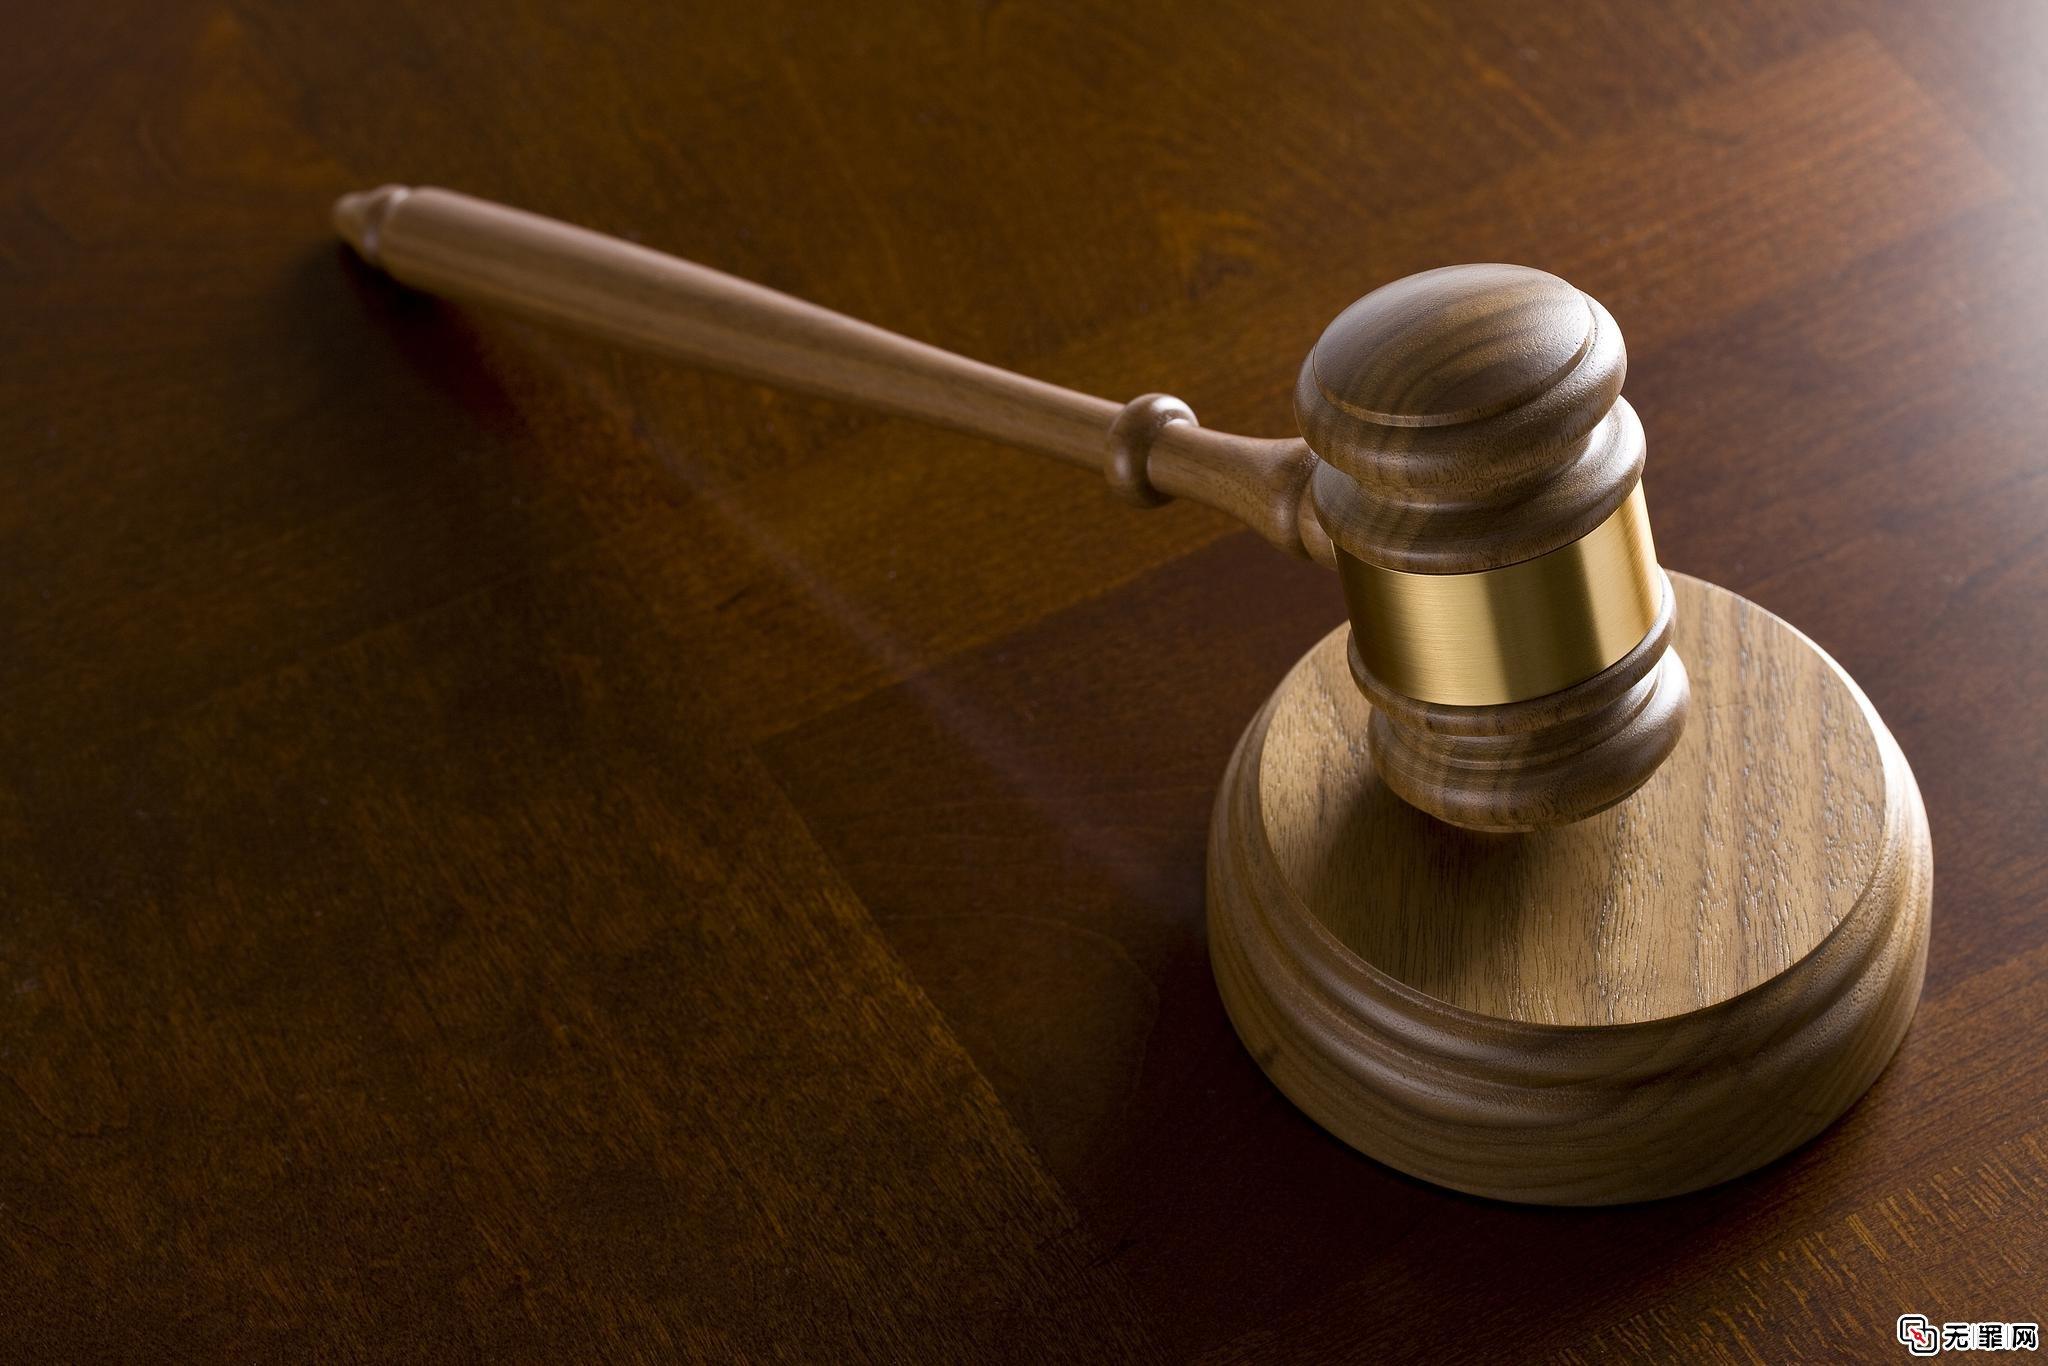 宣告无罪后以新的无罪供述再次起诉无法律依据